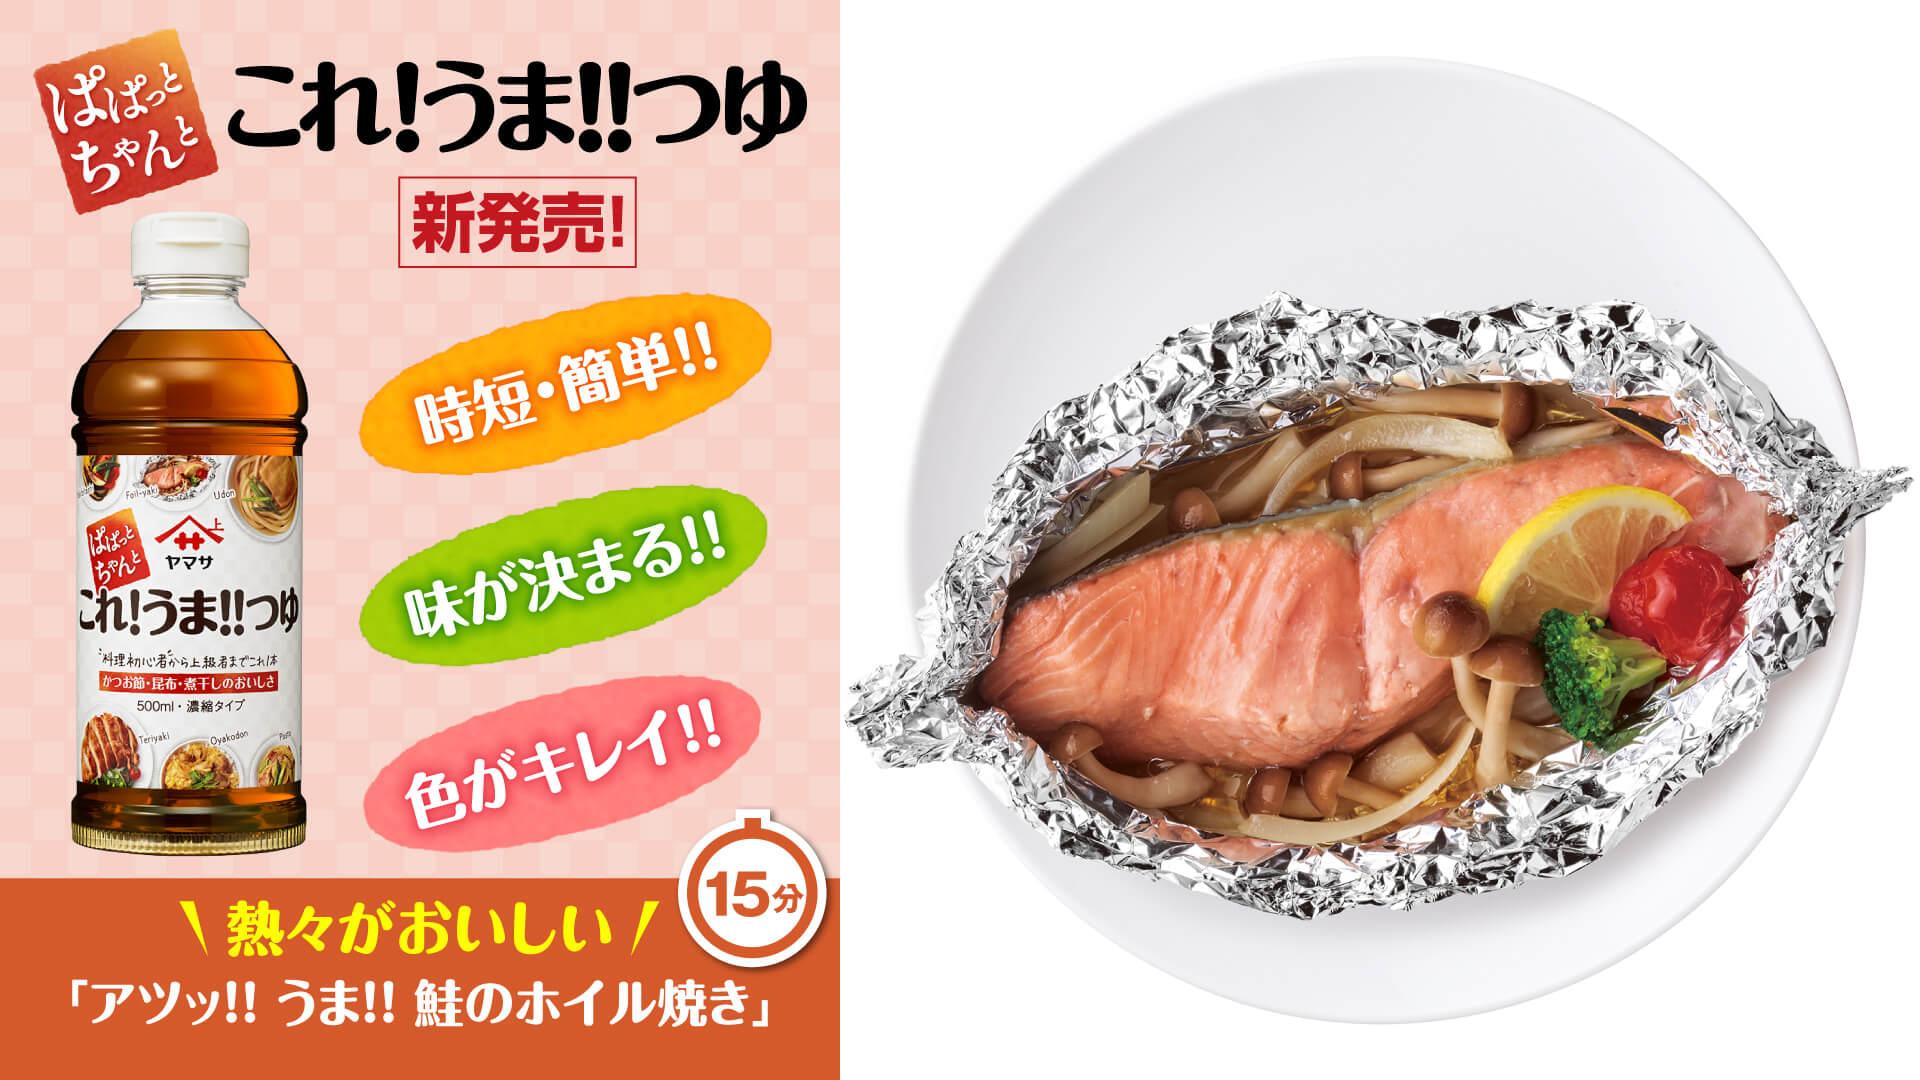 熱々がおいしい 「アツッ!!うま!!鮭のホイル焼き」